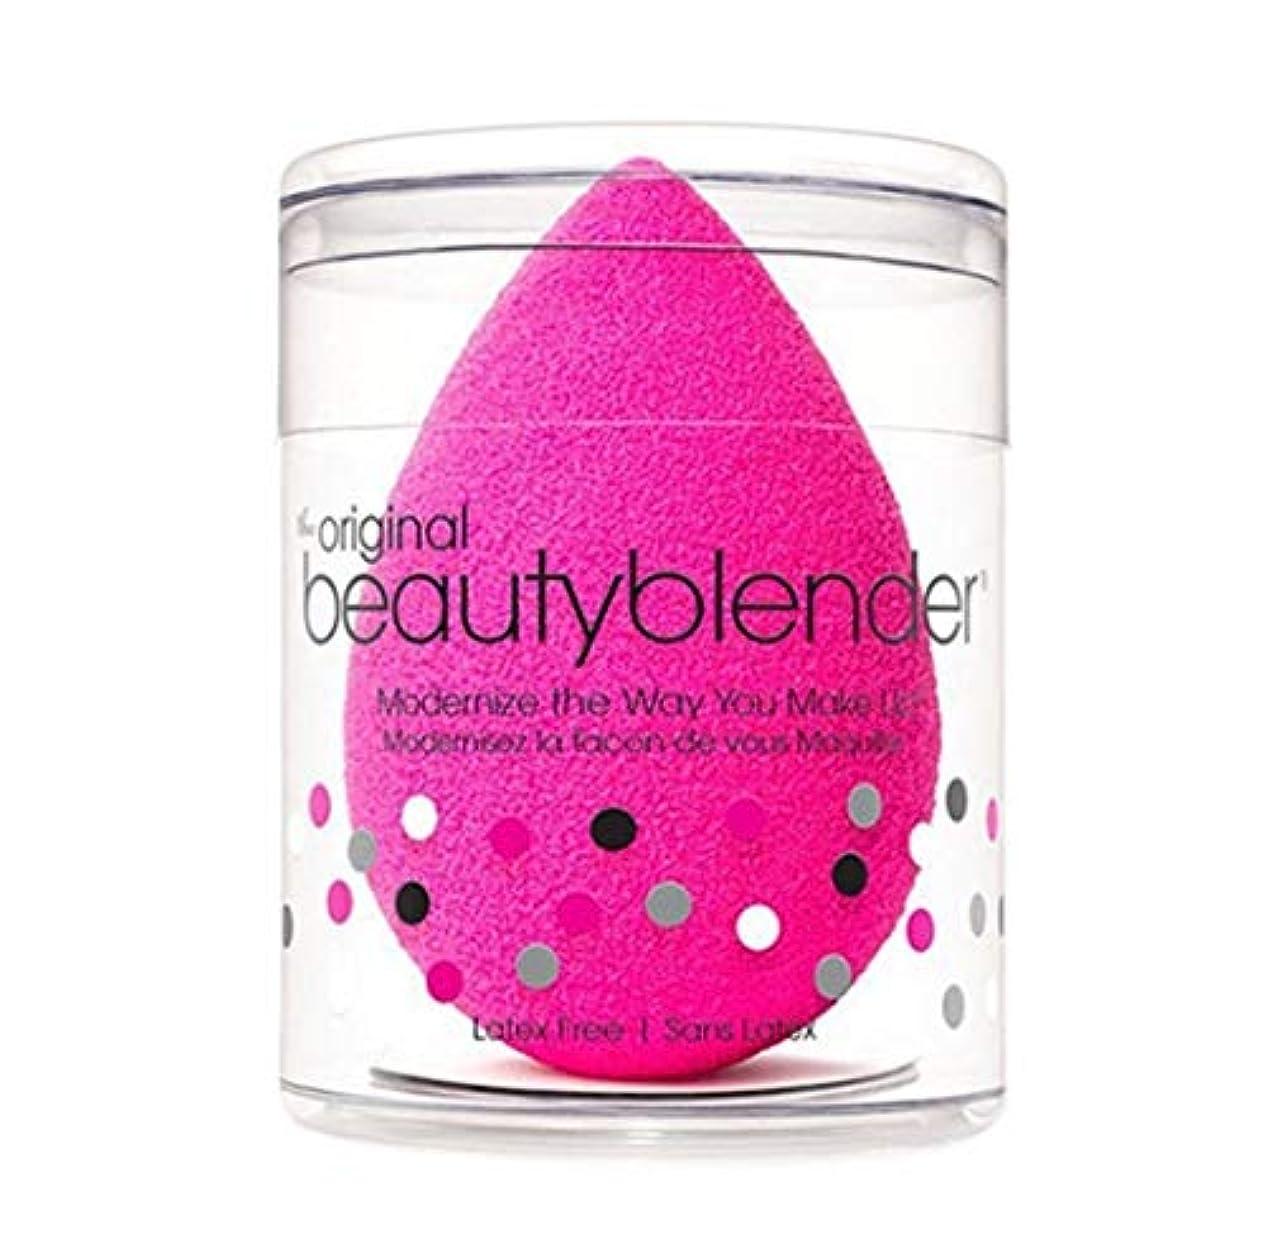 肺合成ユーザーBeauty Makeup Sponge Blender 多機能 ビューティーブレンダー